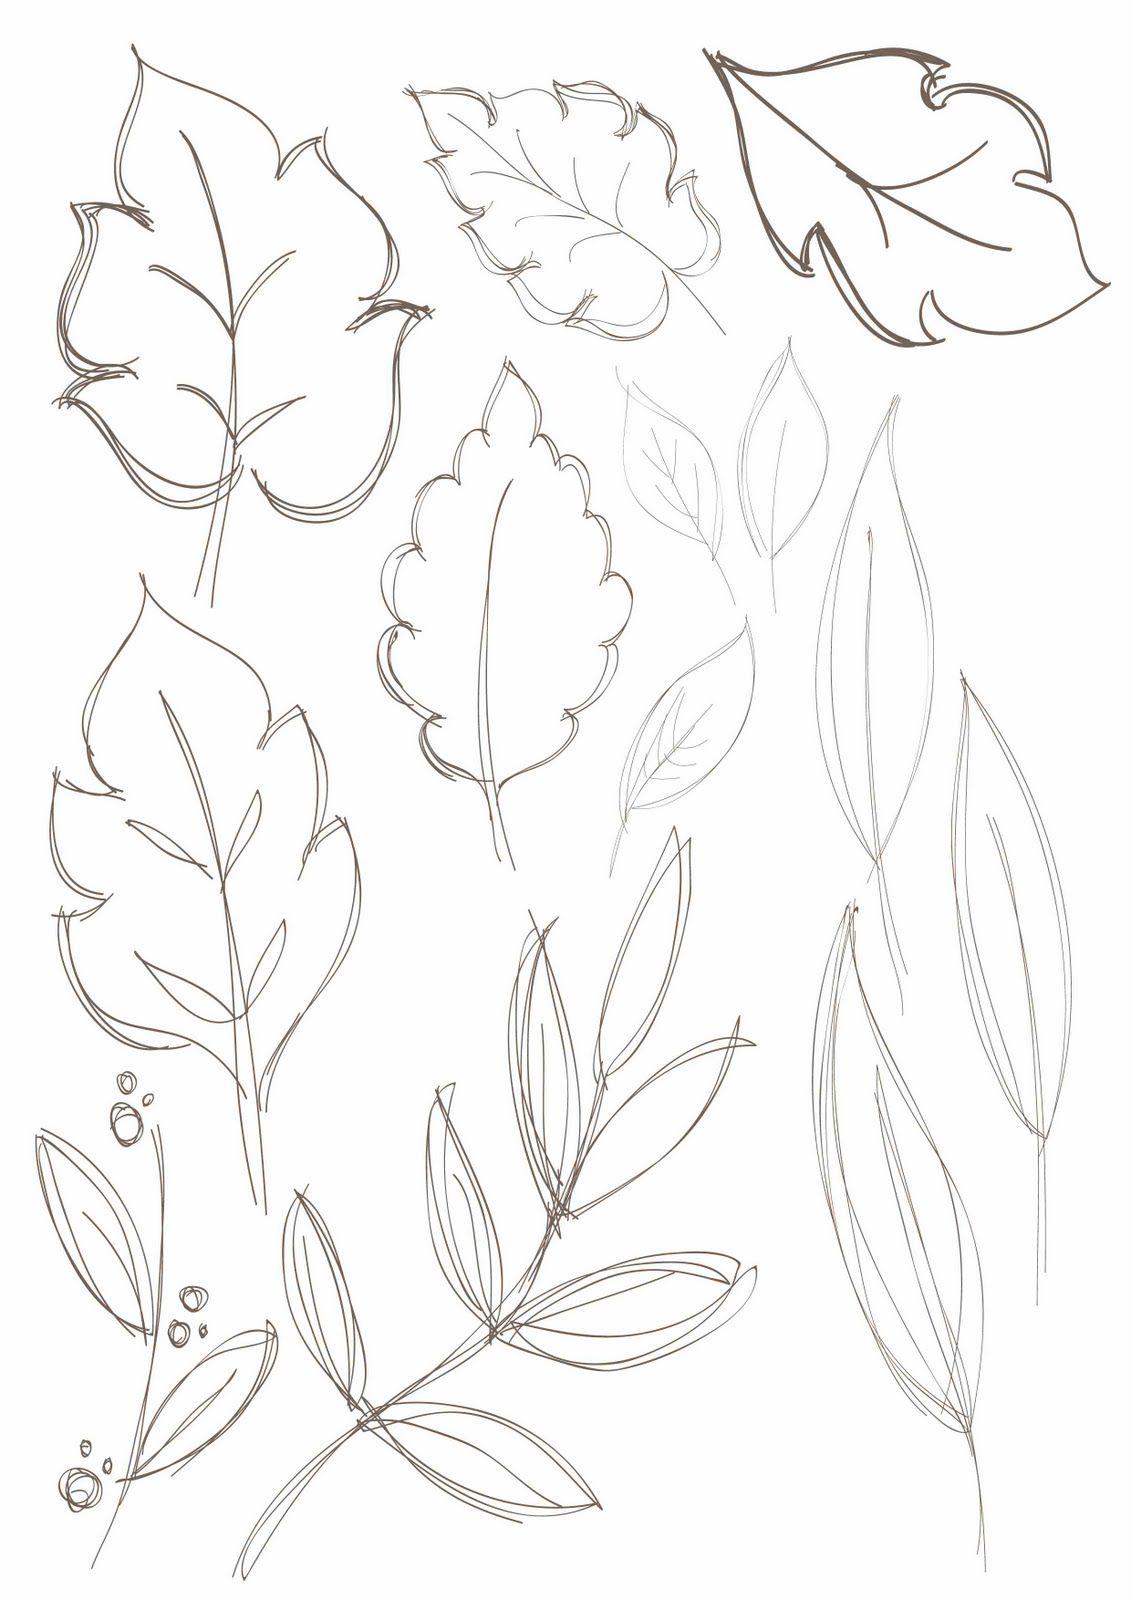 Bobbie Print: Floral Drawings (Mit Bildern ganzes Blumen Zeichnen Lernen